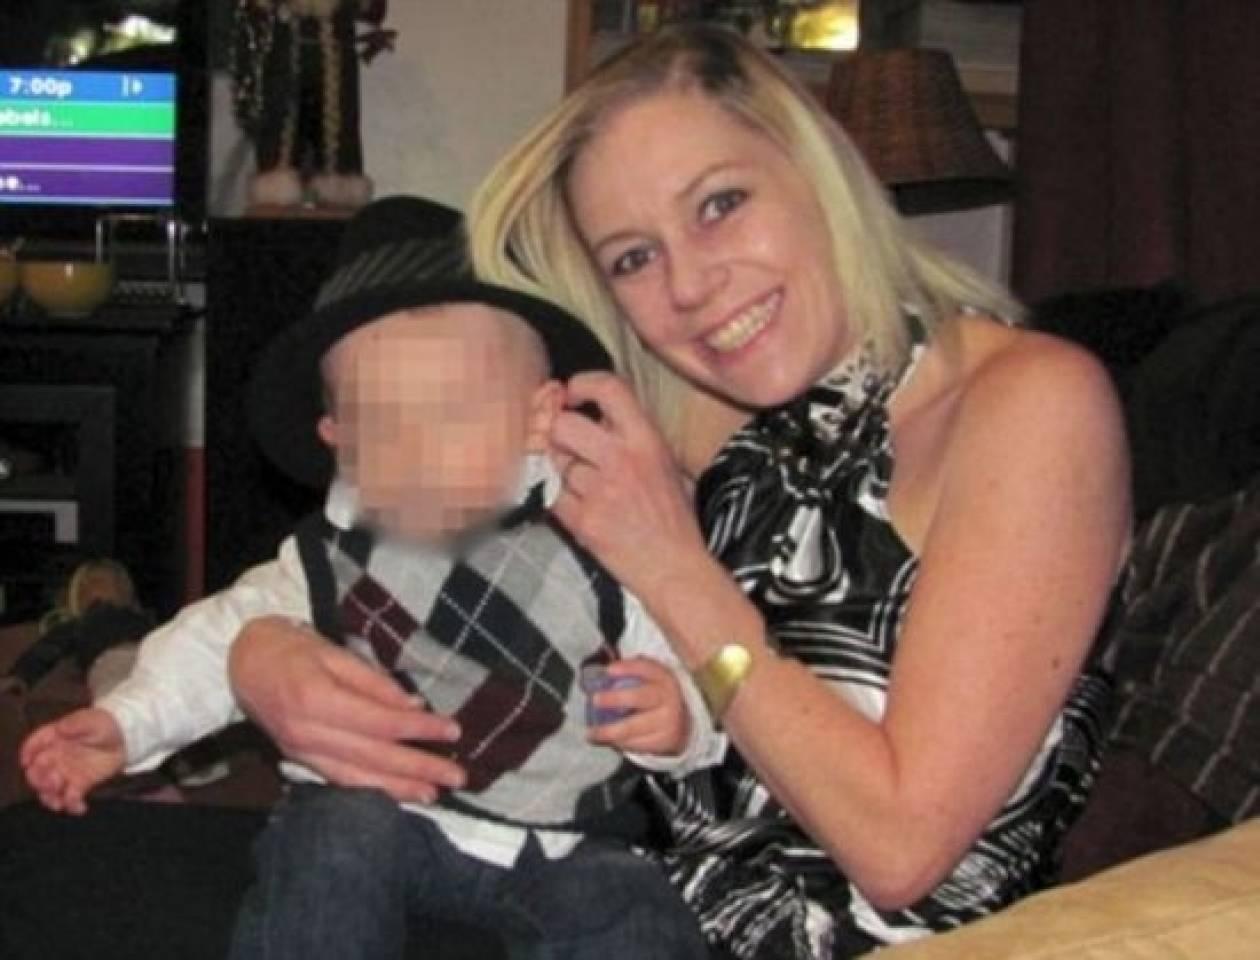 ΣΟΚ: Νταντά χτυπούσε μωρό μέχρι να ματώσουν τα μάτια του